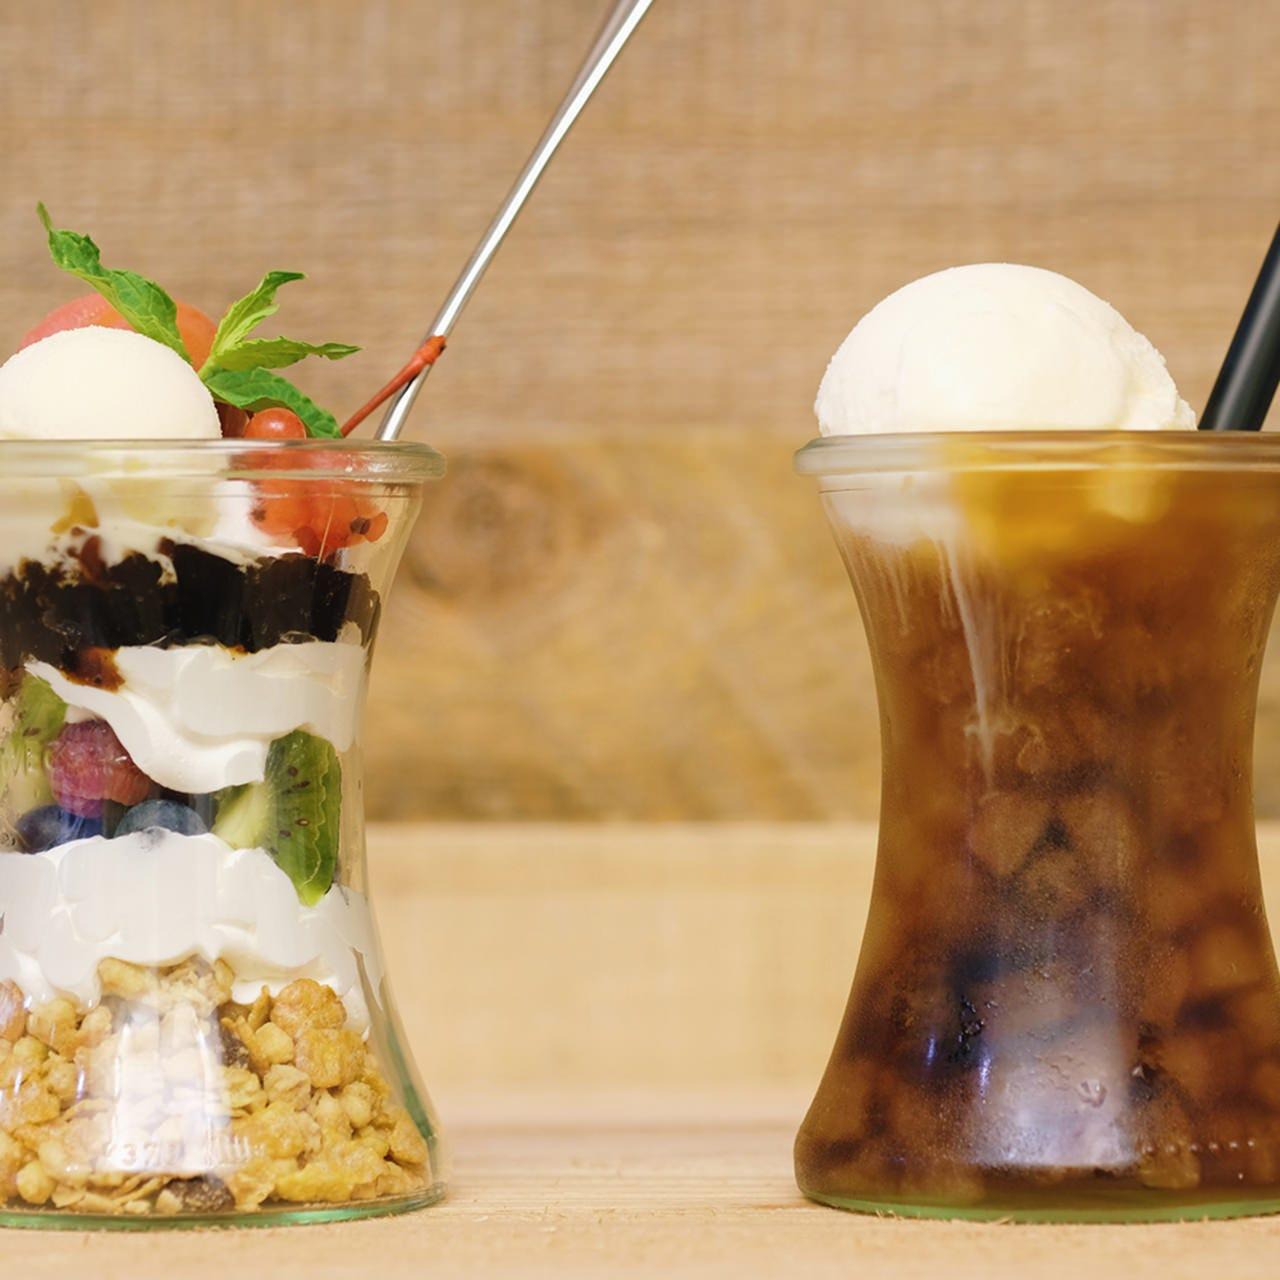 ジェラートをパフェやカフェスタイルで味わう新感覚メニュー